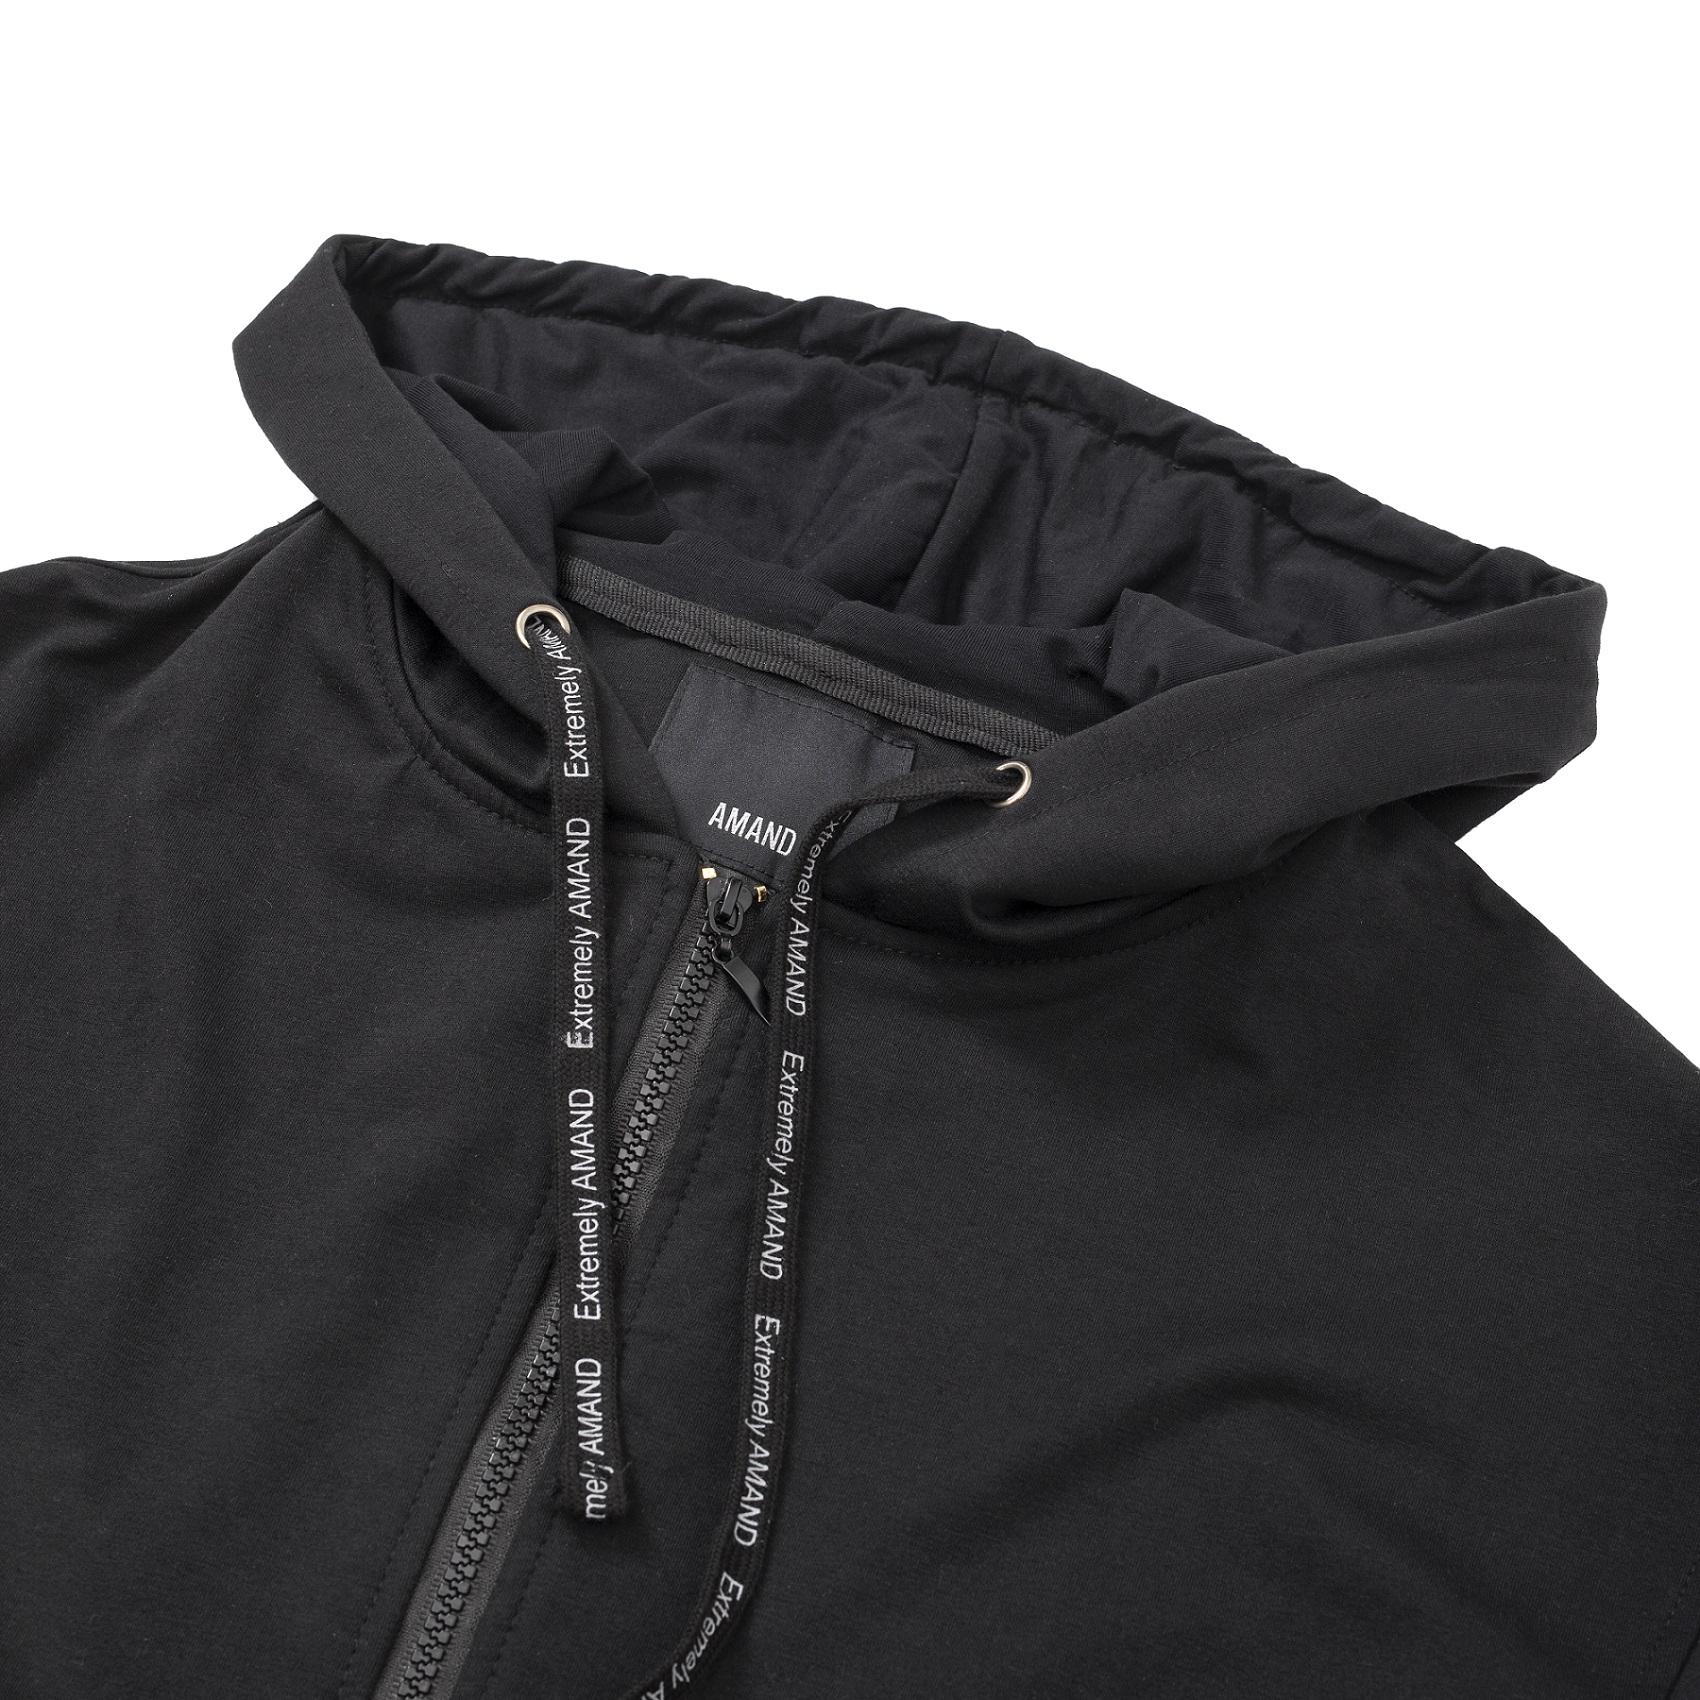 Extremely Zipped Set